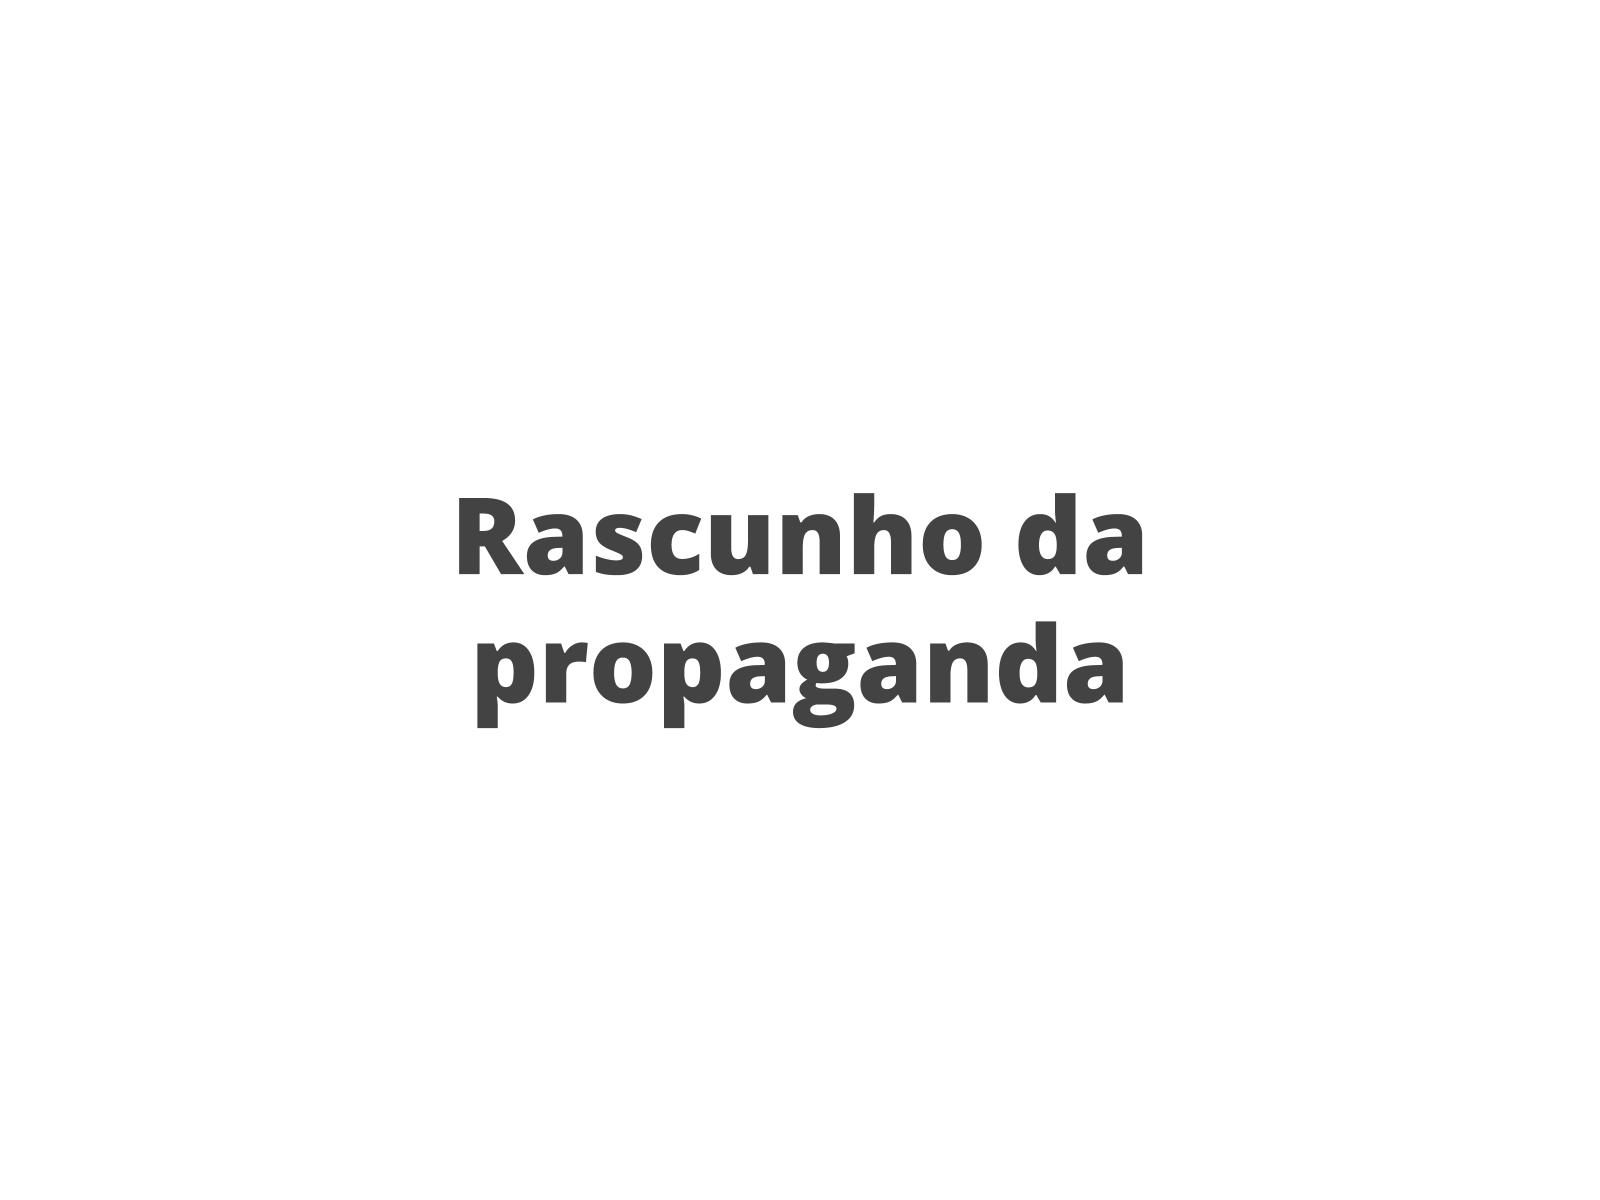 Elaboração de uma propaganda